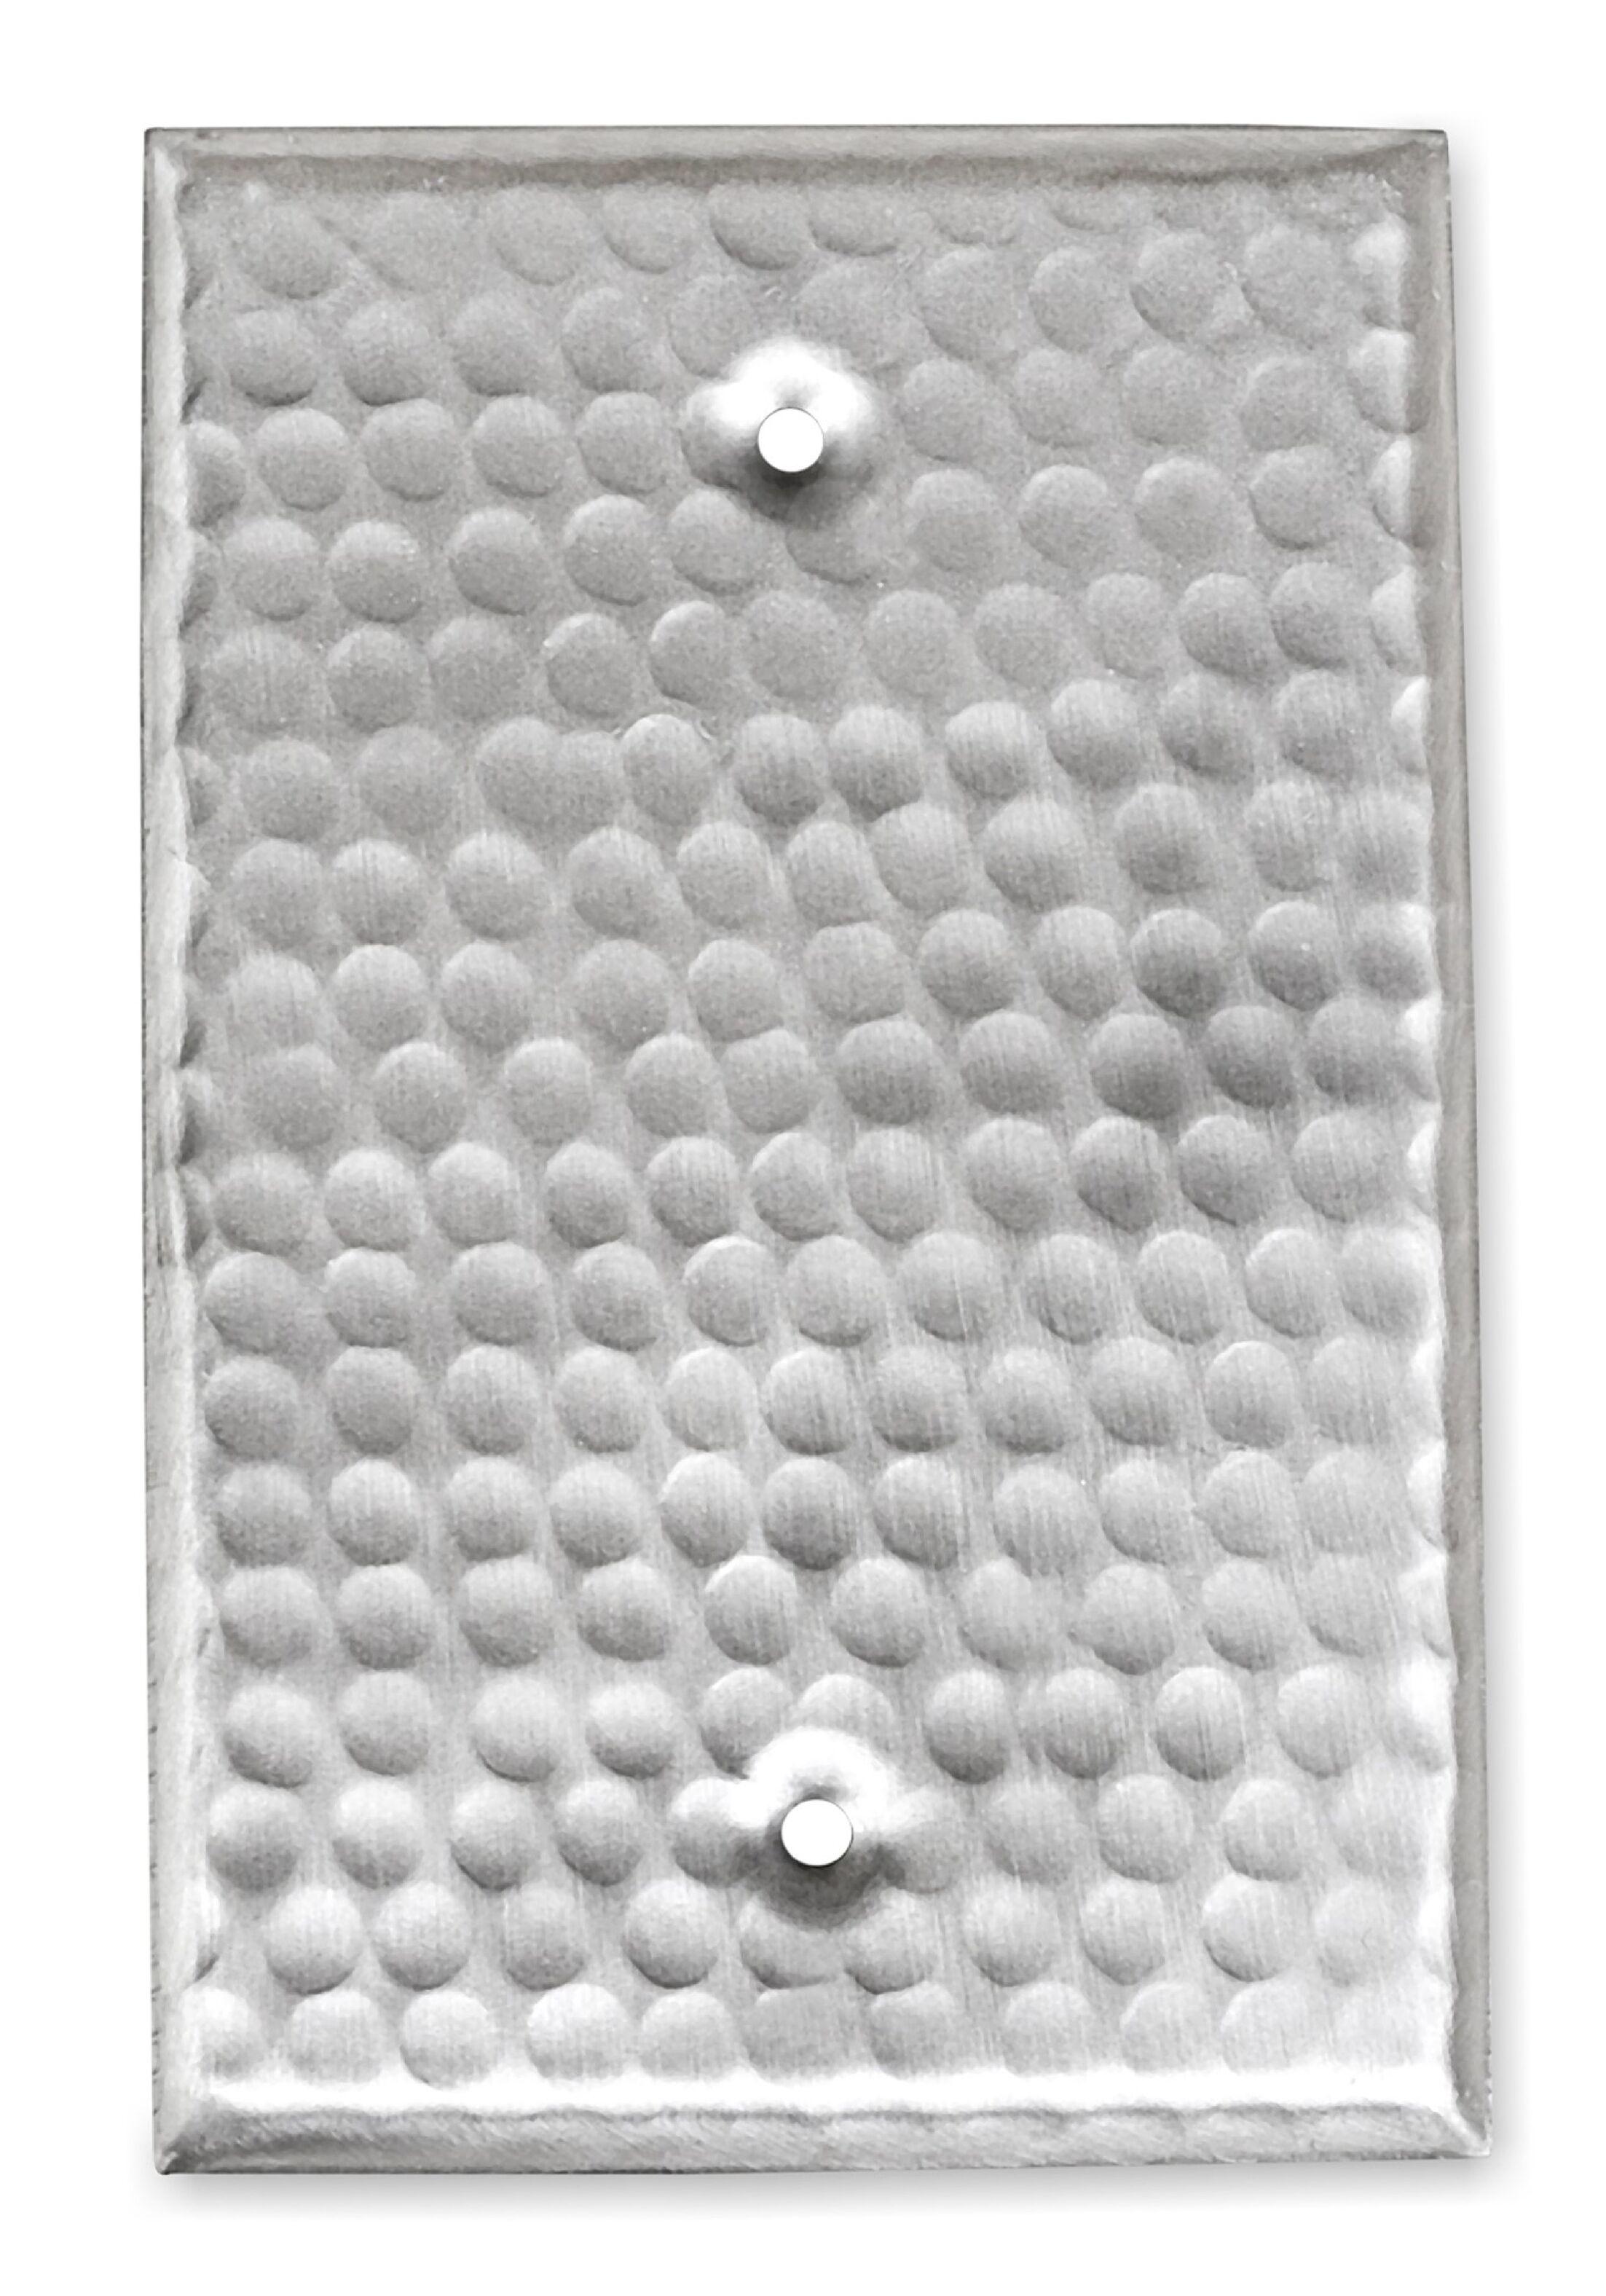 Blank Wall Socket Plate